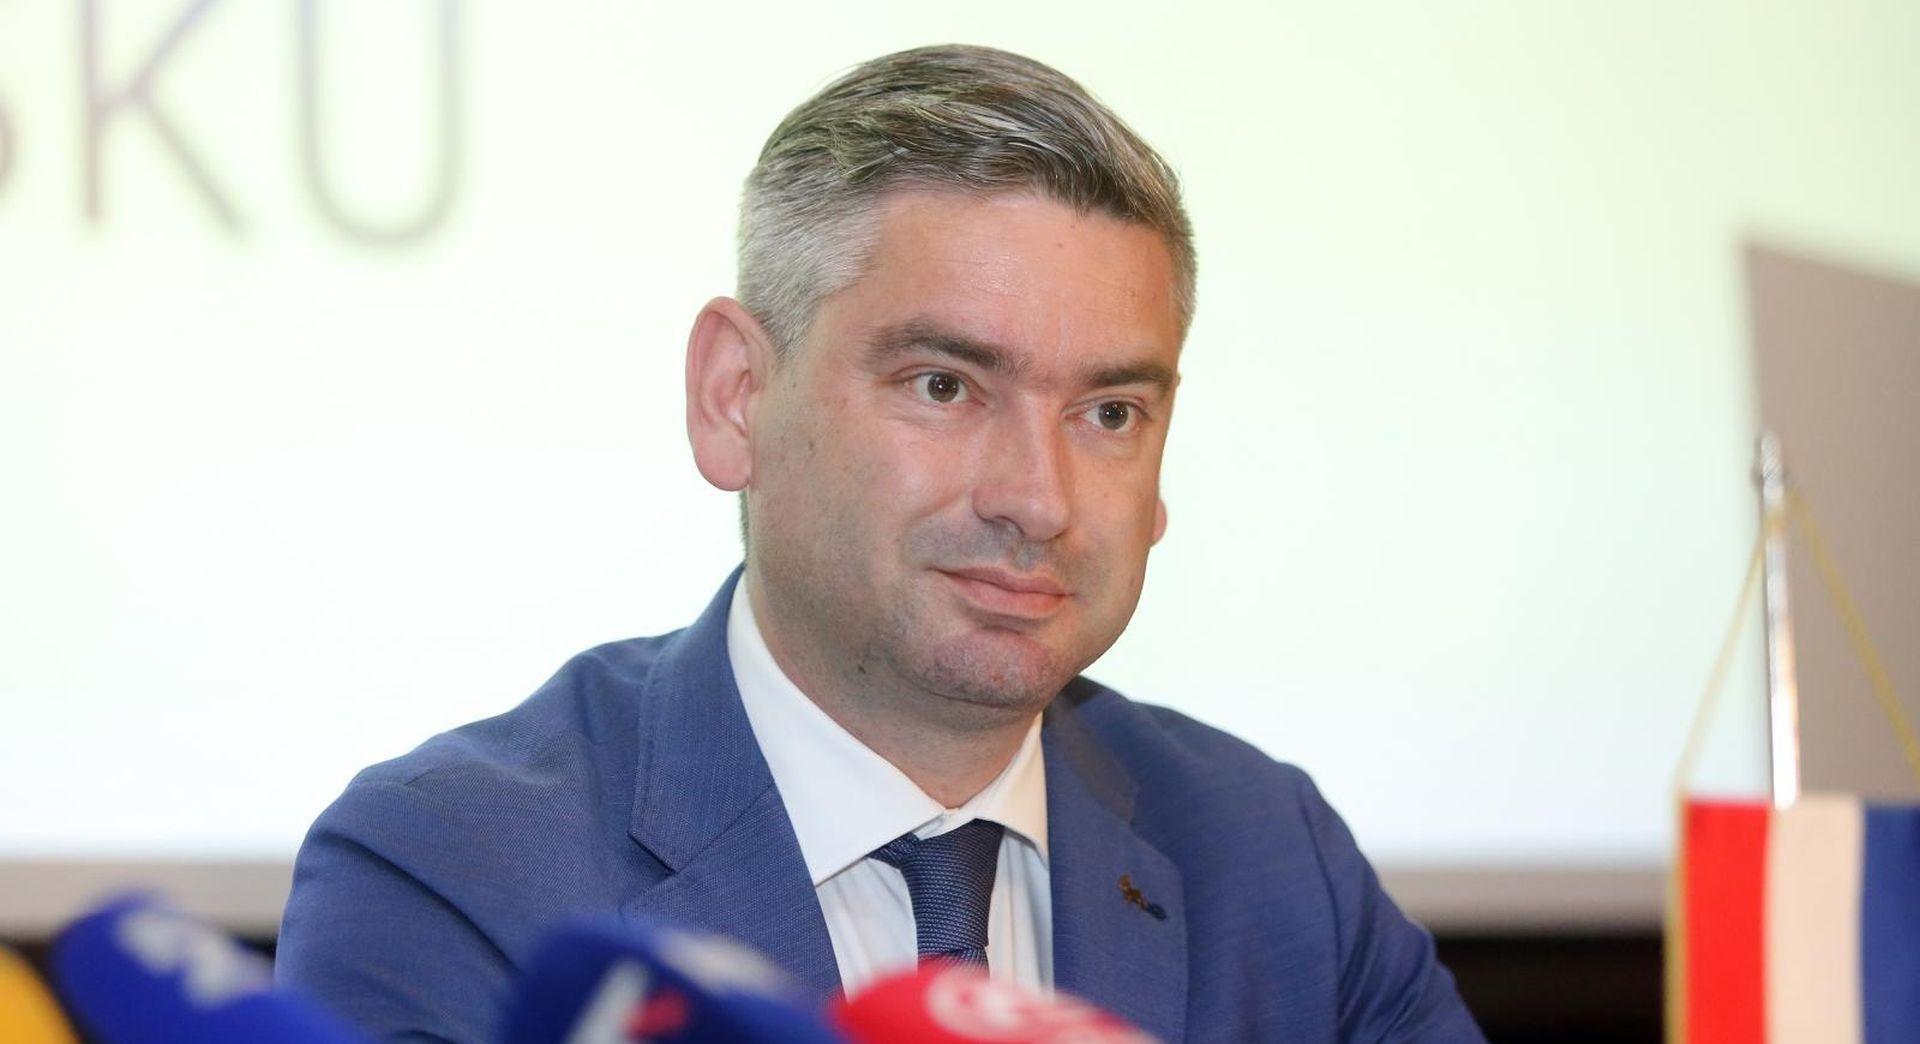 IDS traži zatvorske kazne za promicanje nacizma, fašizma i ustaštva